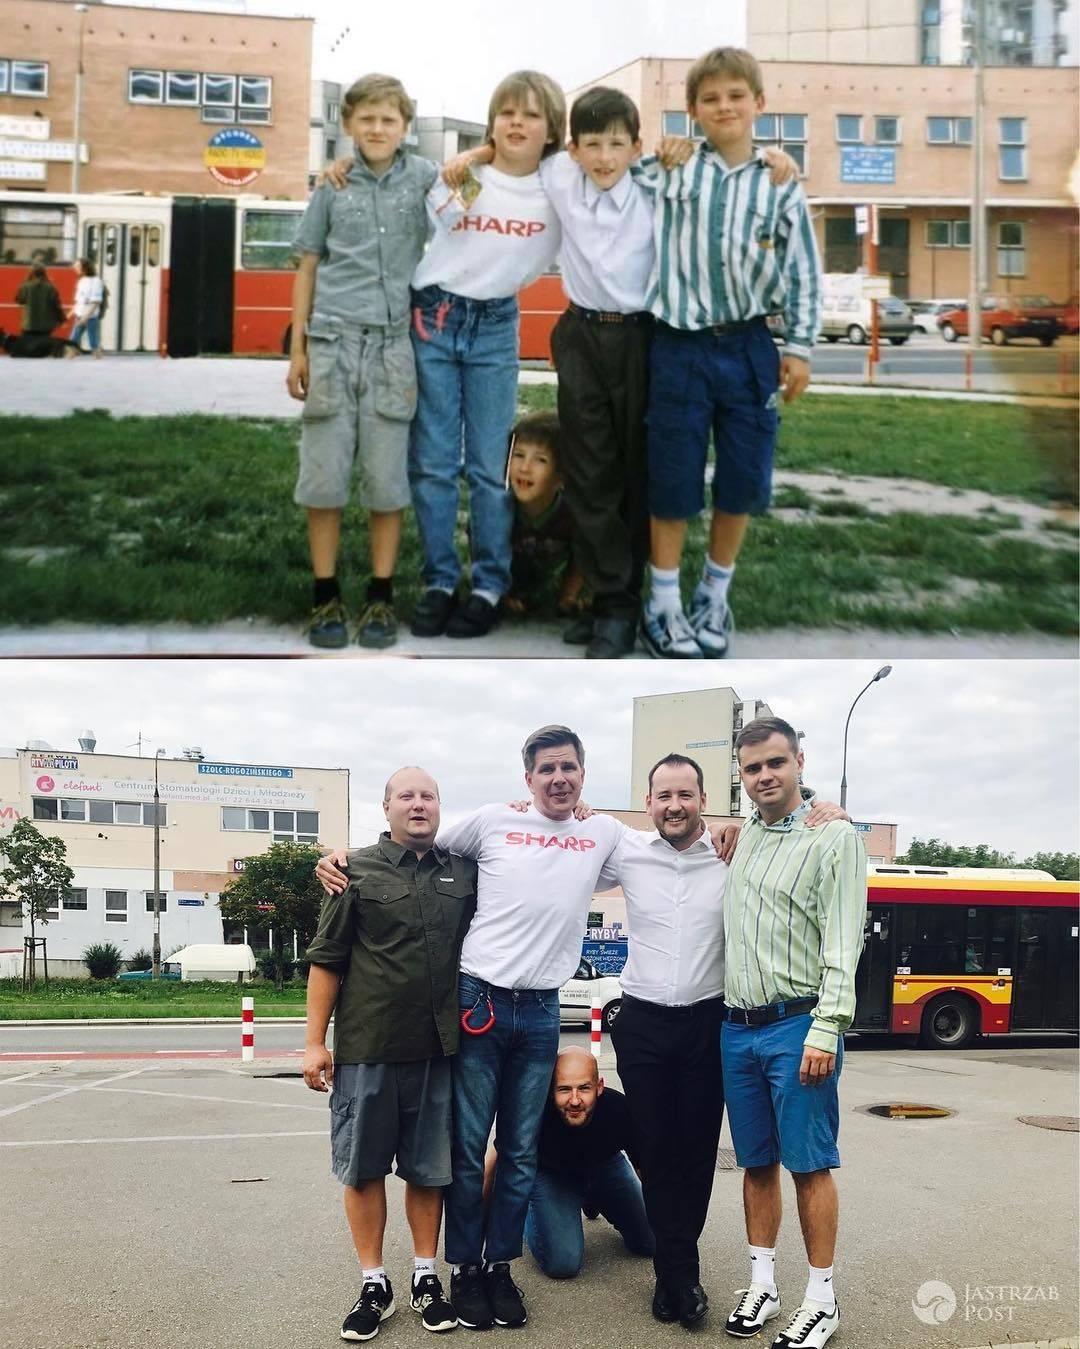 Filip Chajzer odtworzył swoje zdjęcie sprzed lat z tymi samymi kolegami